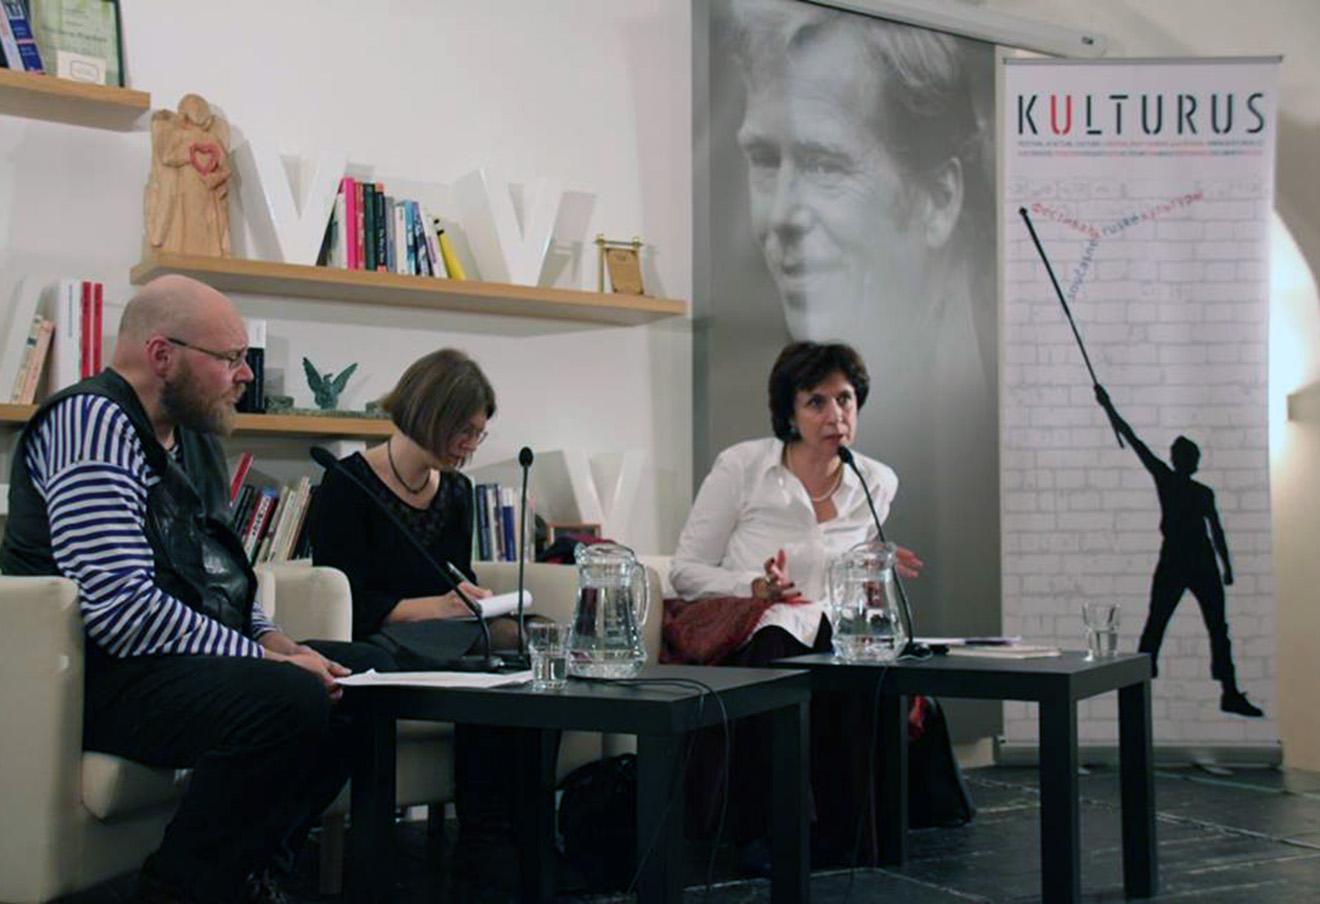 Зоя Светова (справа) на фестивале Kulturus в Праге. Фото: Kulturus / Facebook